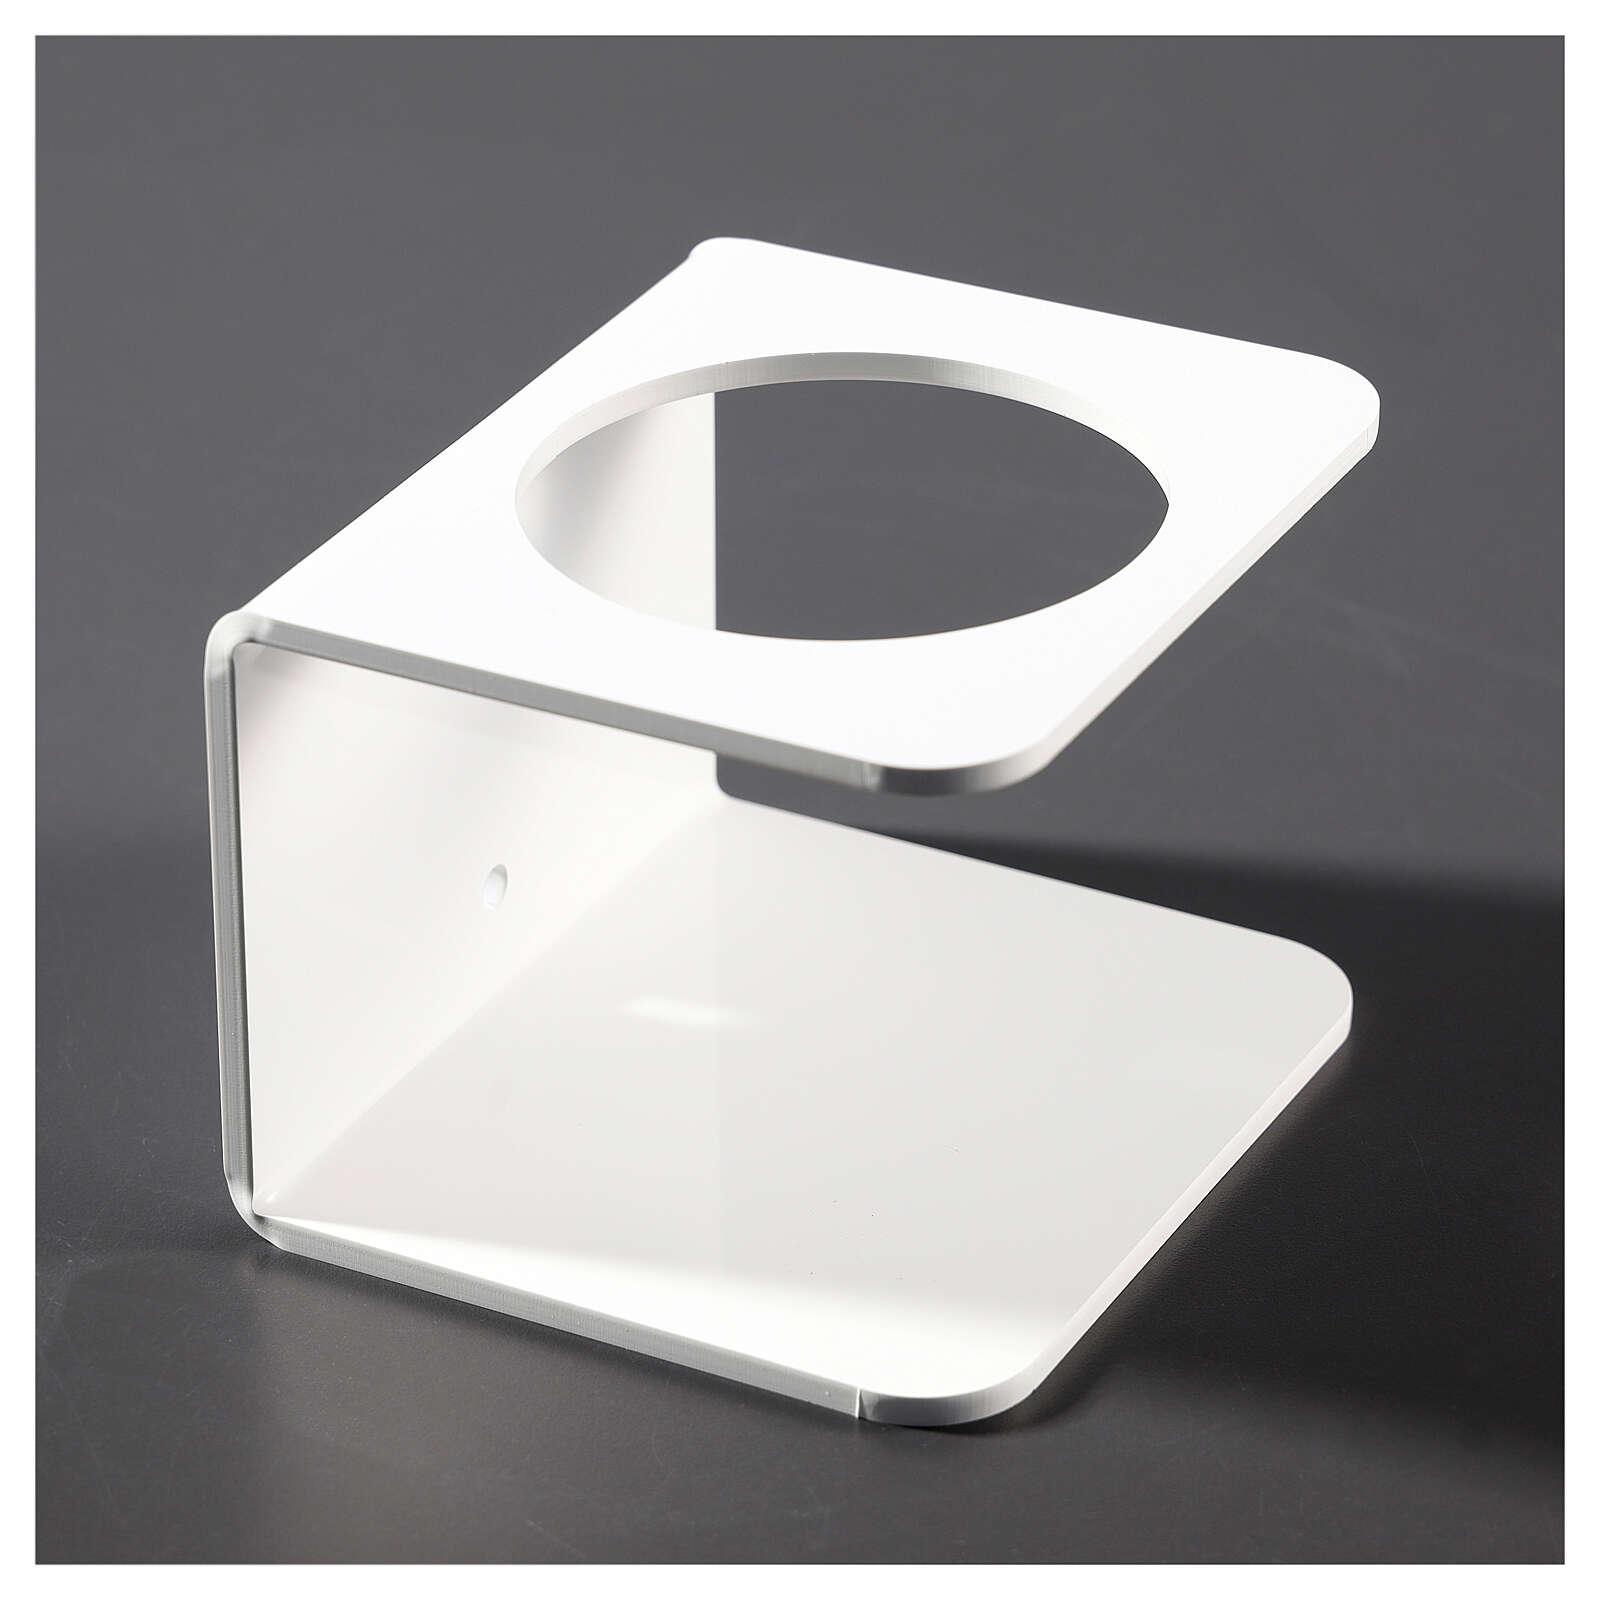 Suporte de parede em acrílico branco para distribuidor de gel desinfetante para mãos 3